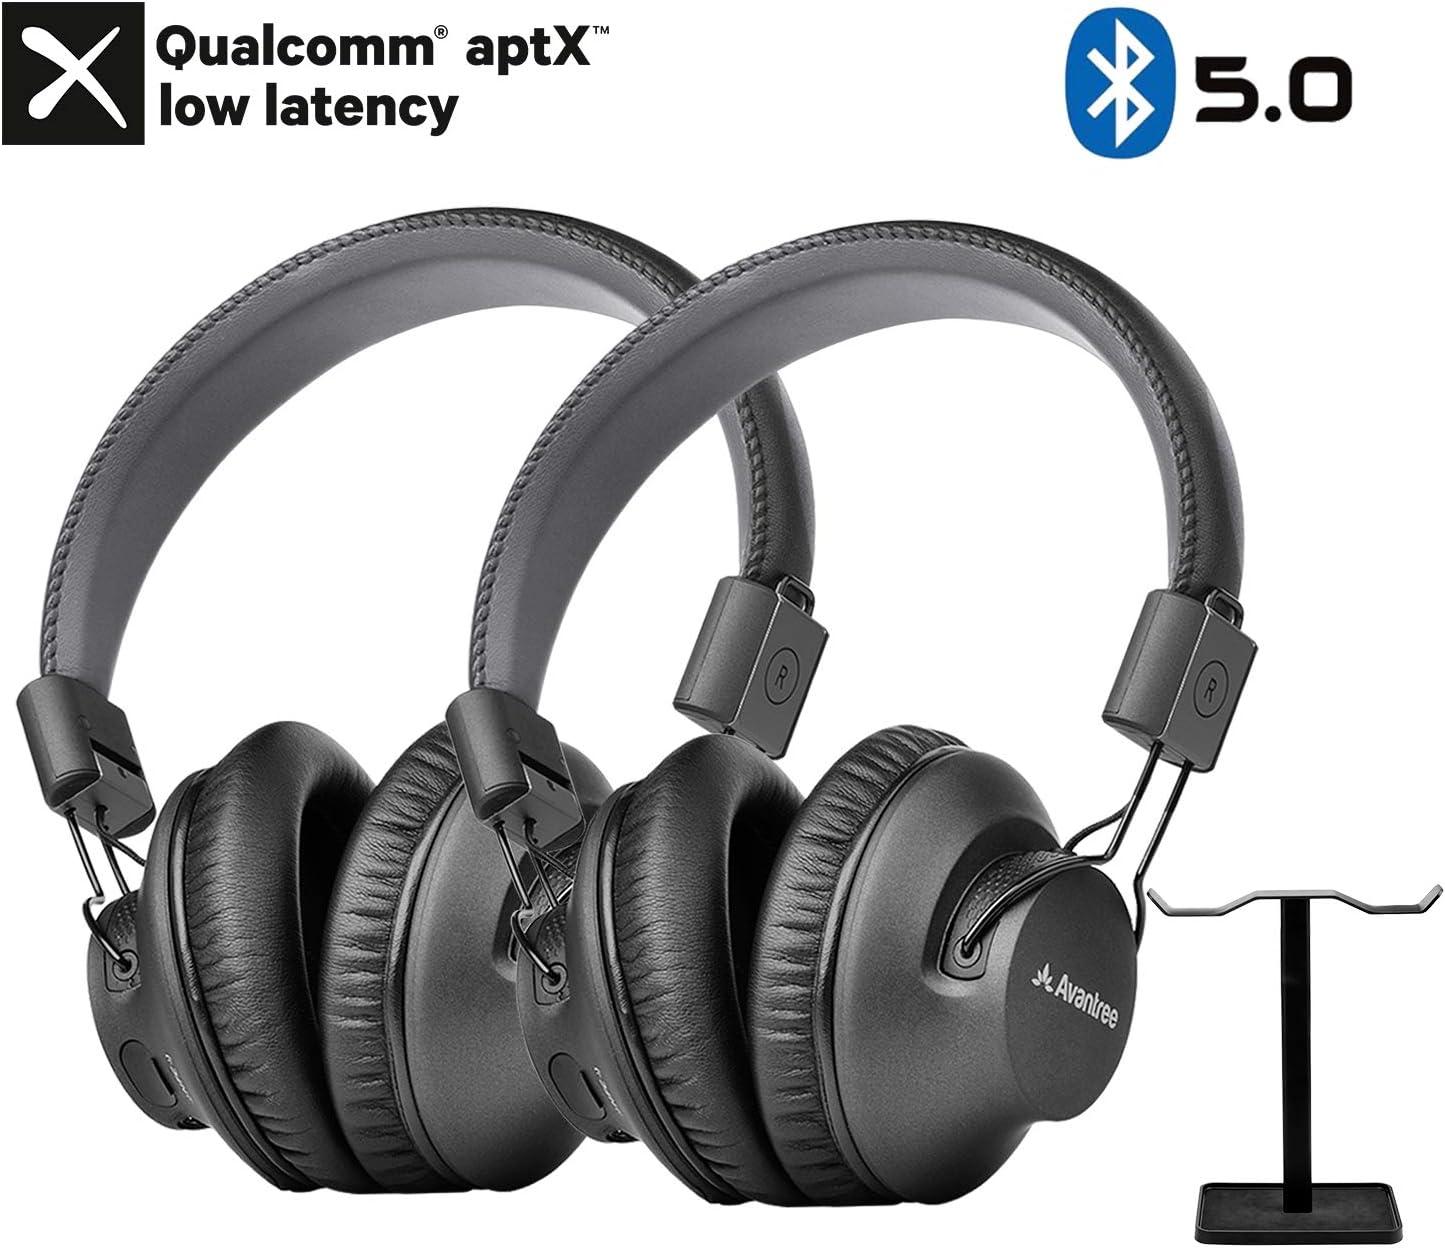 Avantree 2 Pack Bluetooth 5.0 Auriculares Inalambricos TV con Soporte de Auriculares Duales de Metal, aptX de Baja Latencia Cascos Diadema, Compatible con Transmisores Avantree, PC: Amazon.es: Electrónica